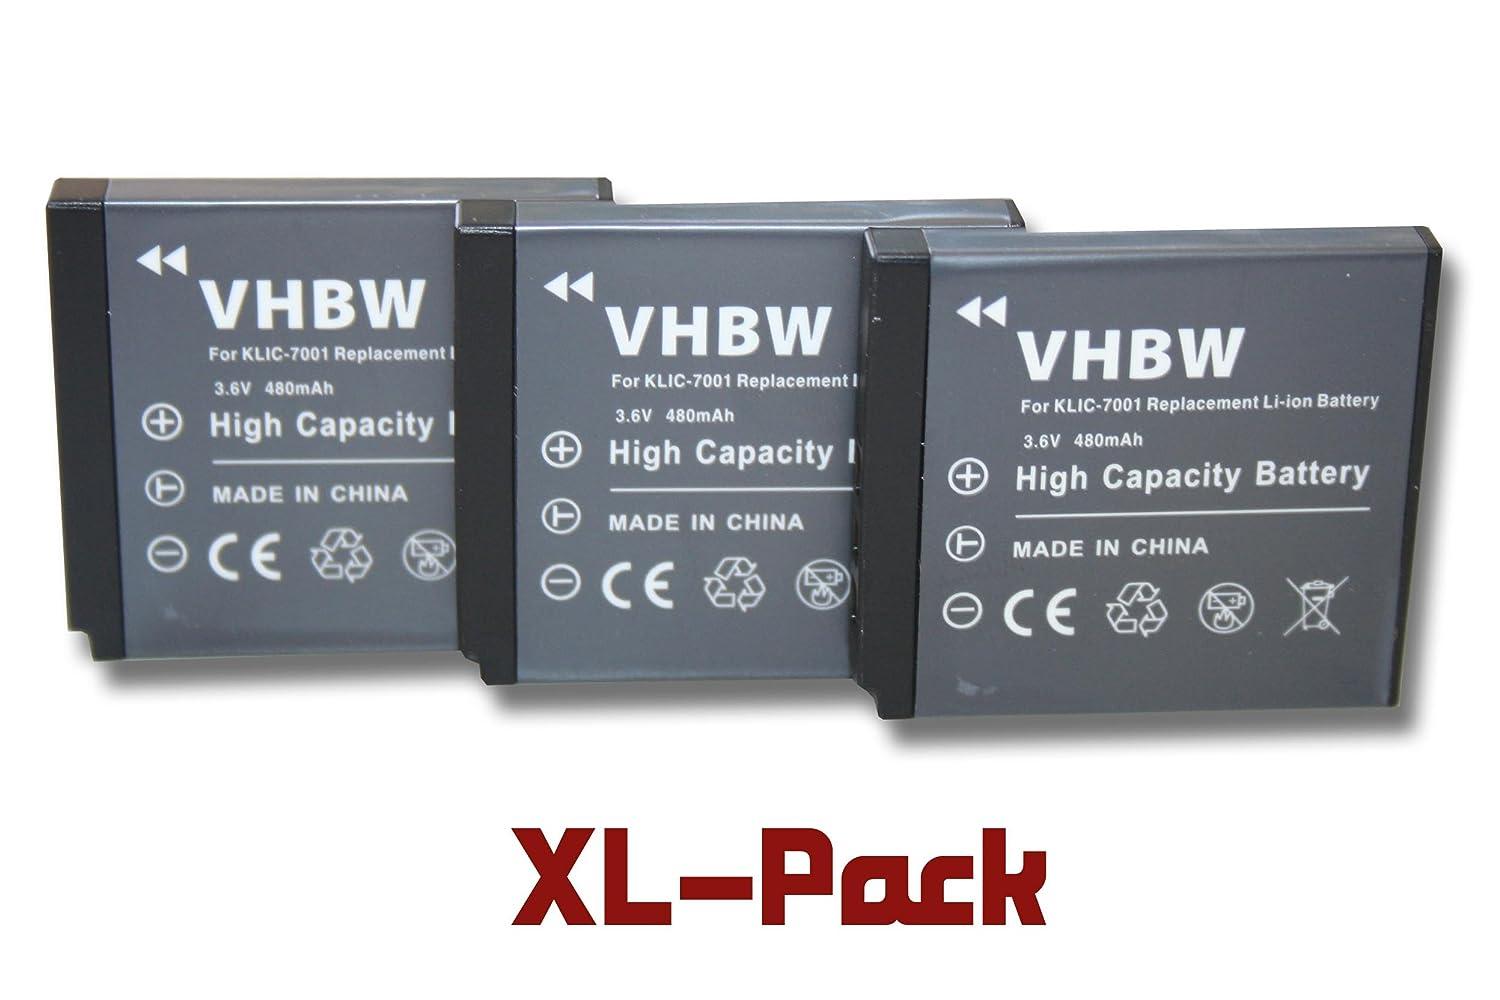 Original VHBW ® cargador para medion md86288